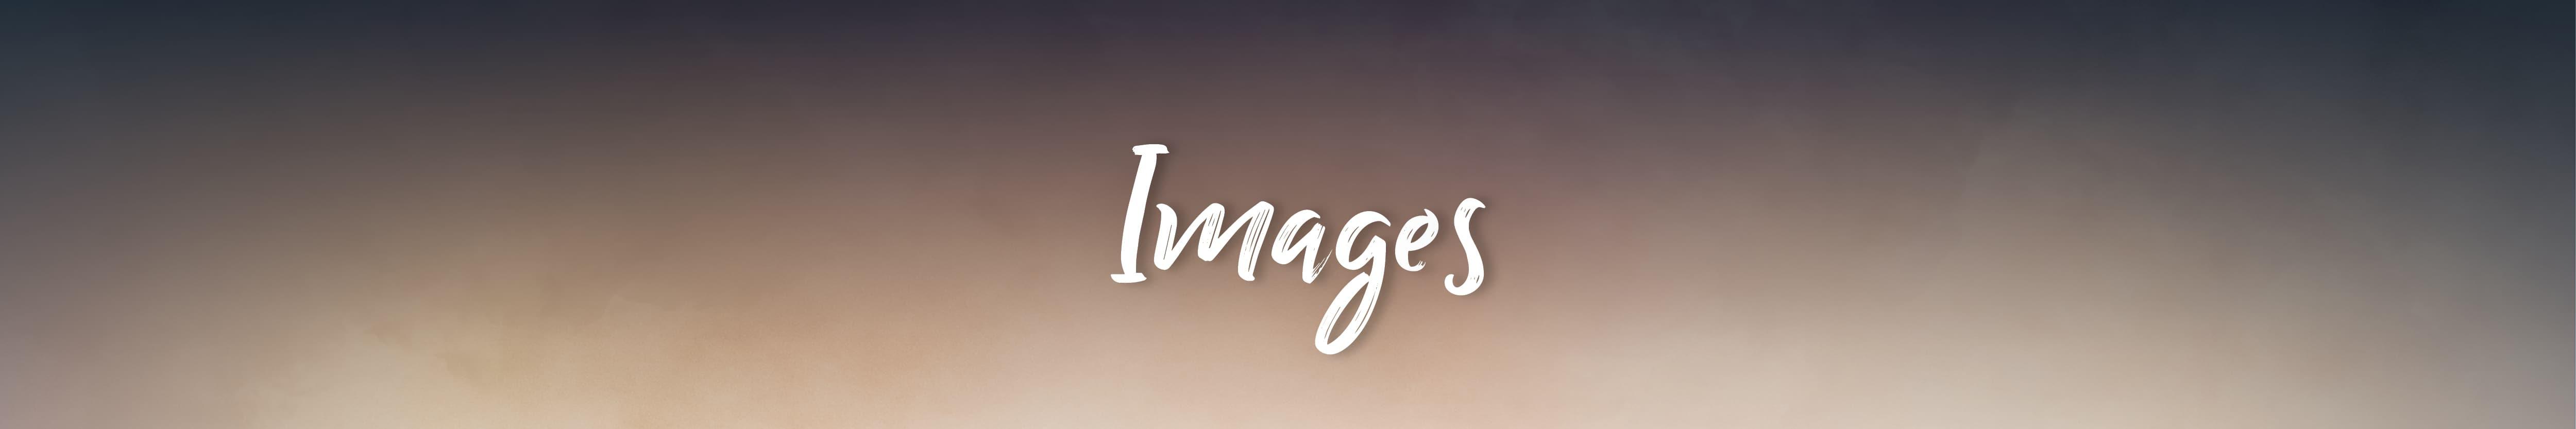 SCH_Shania_WebGraphics-PortalHeader_18_Images